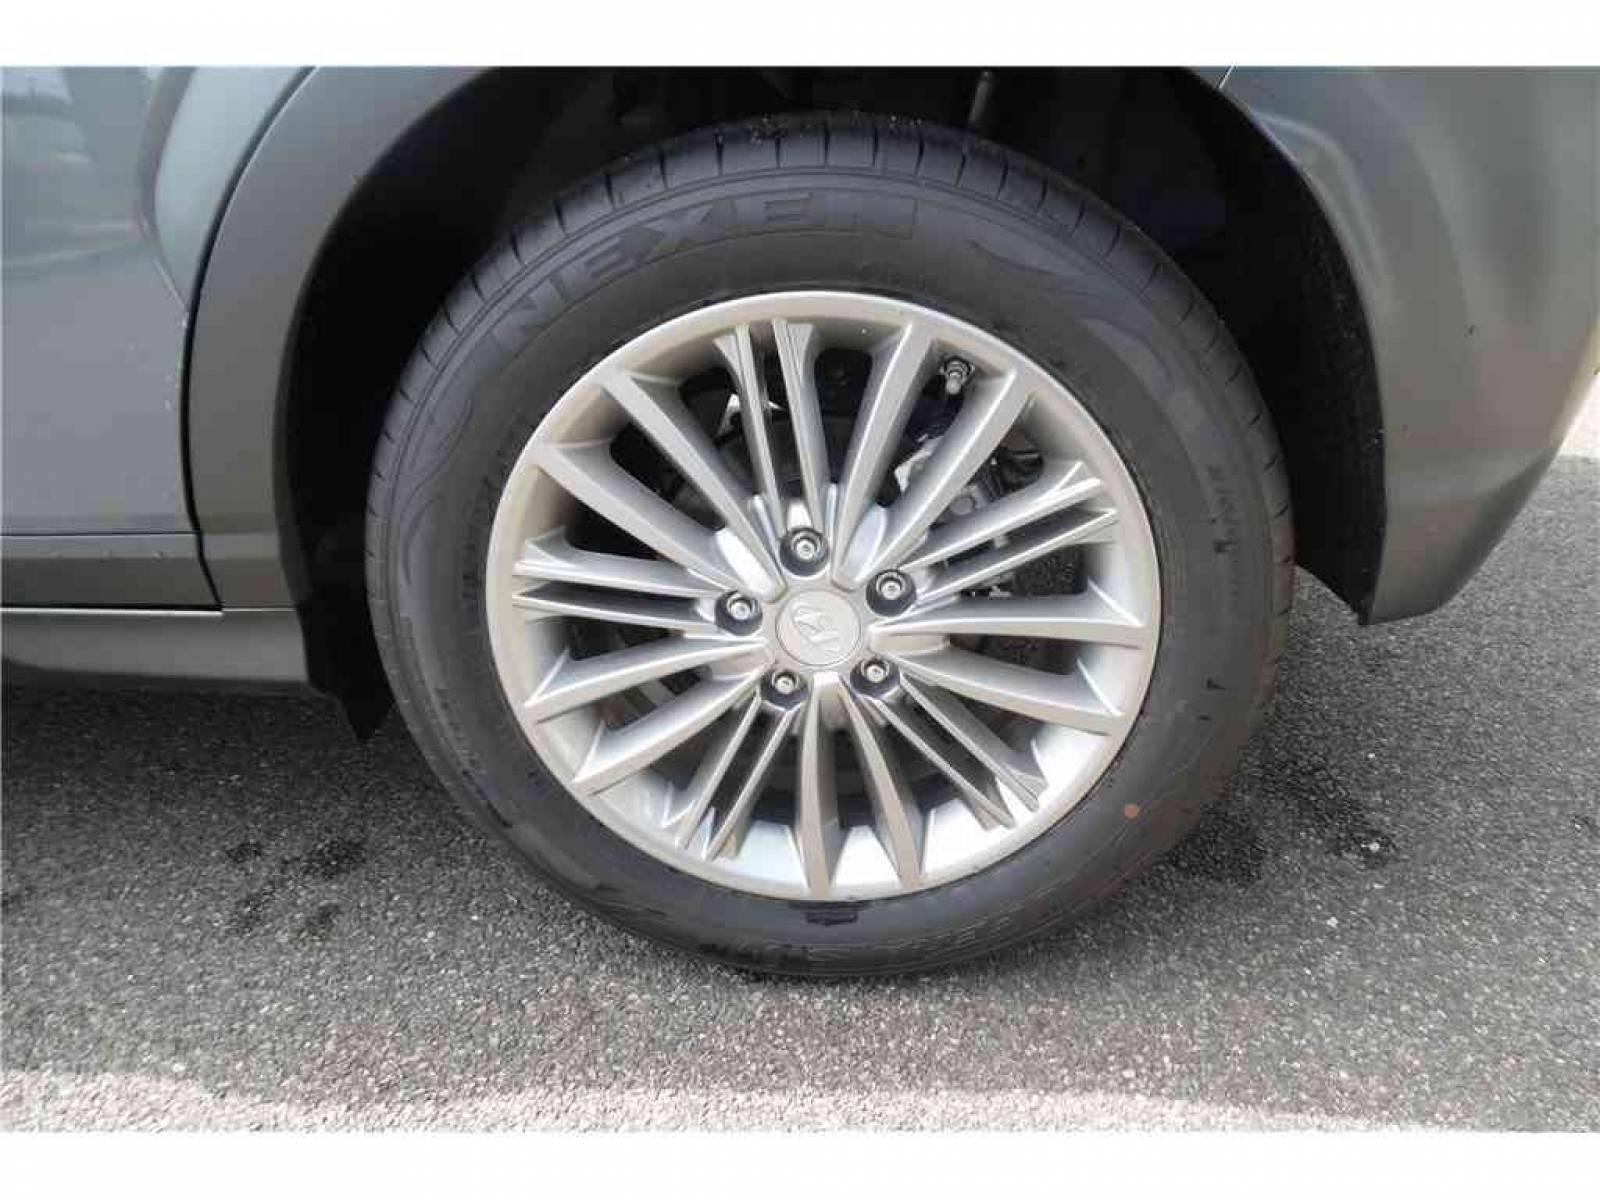 HYUNDAI Kona 1.0 T-GDi 120 - véhicule d'occasion - Groupe Guillet - Hyundai - Zenith Motors – Montceau-les-Mines - 71300 - Montceau-les-Mines - 35